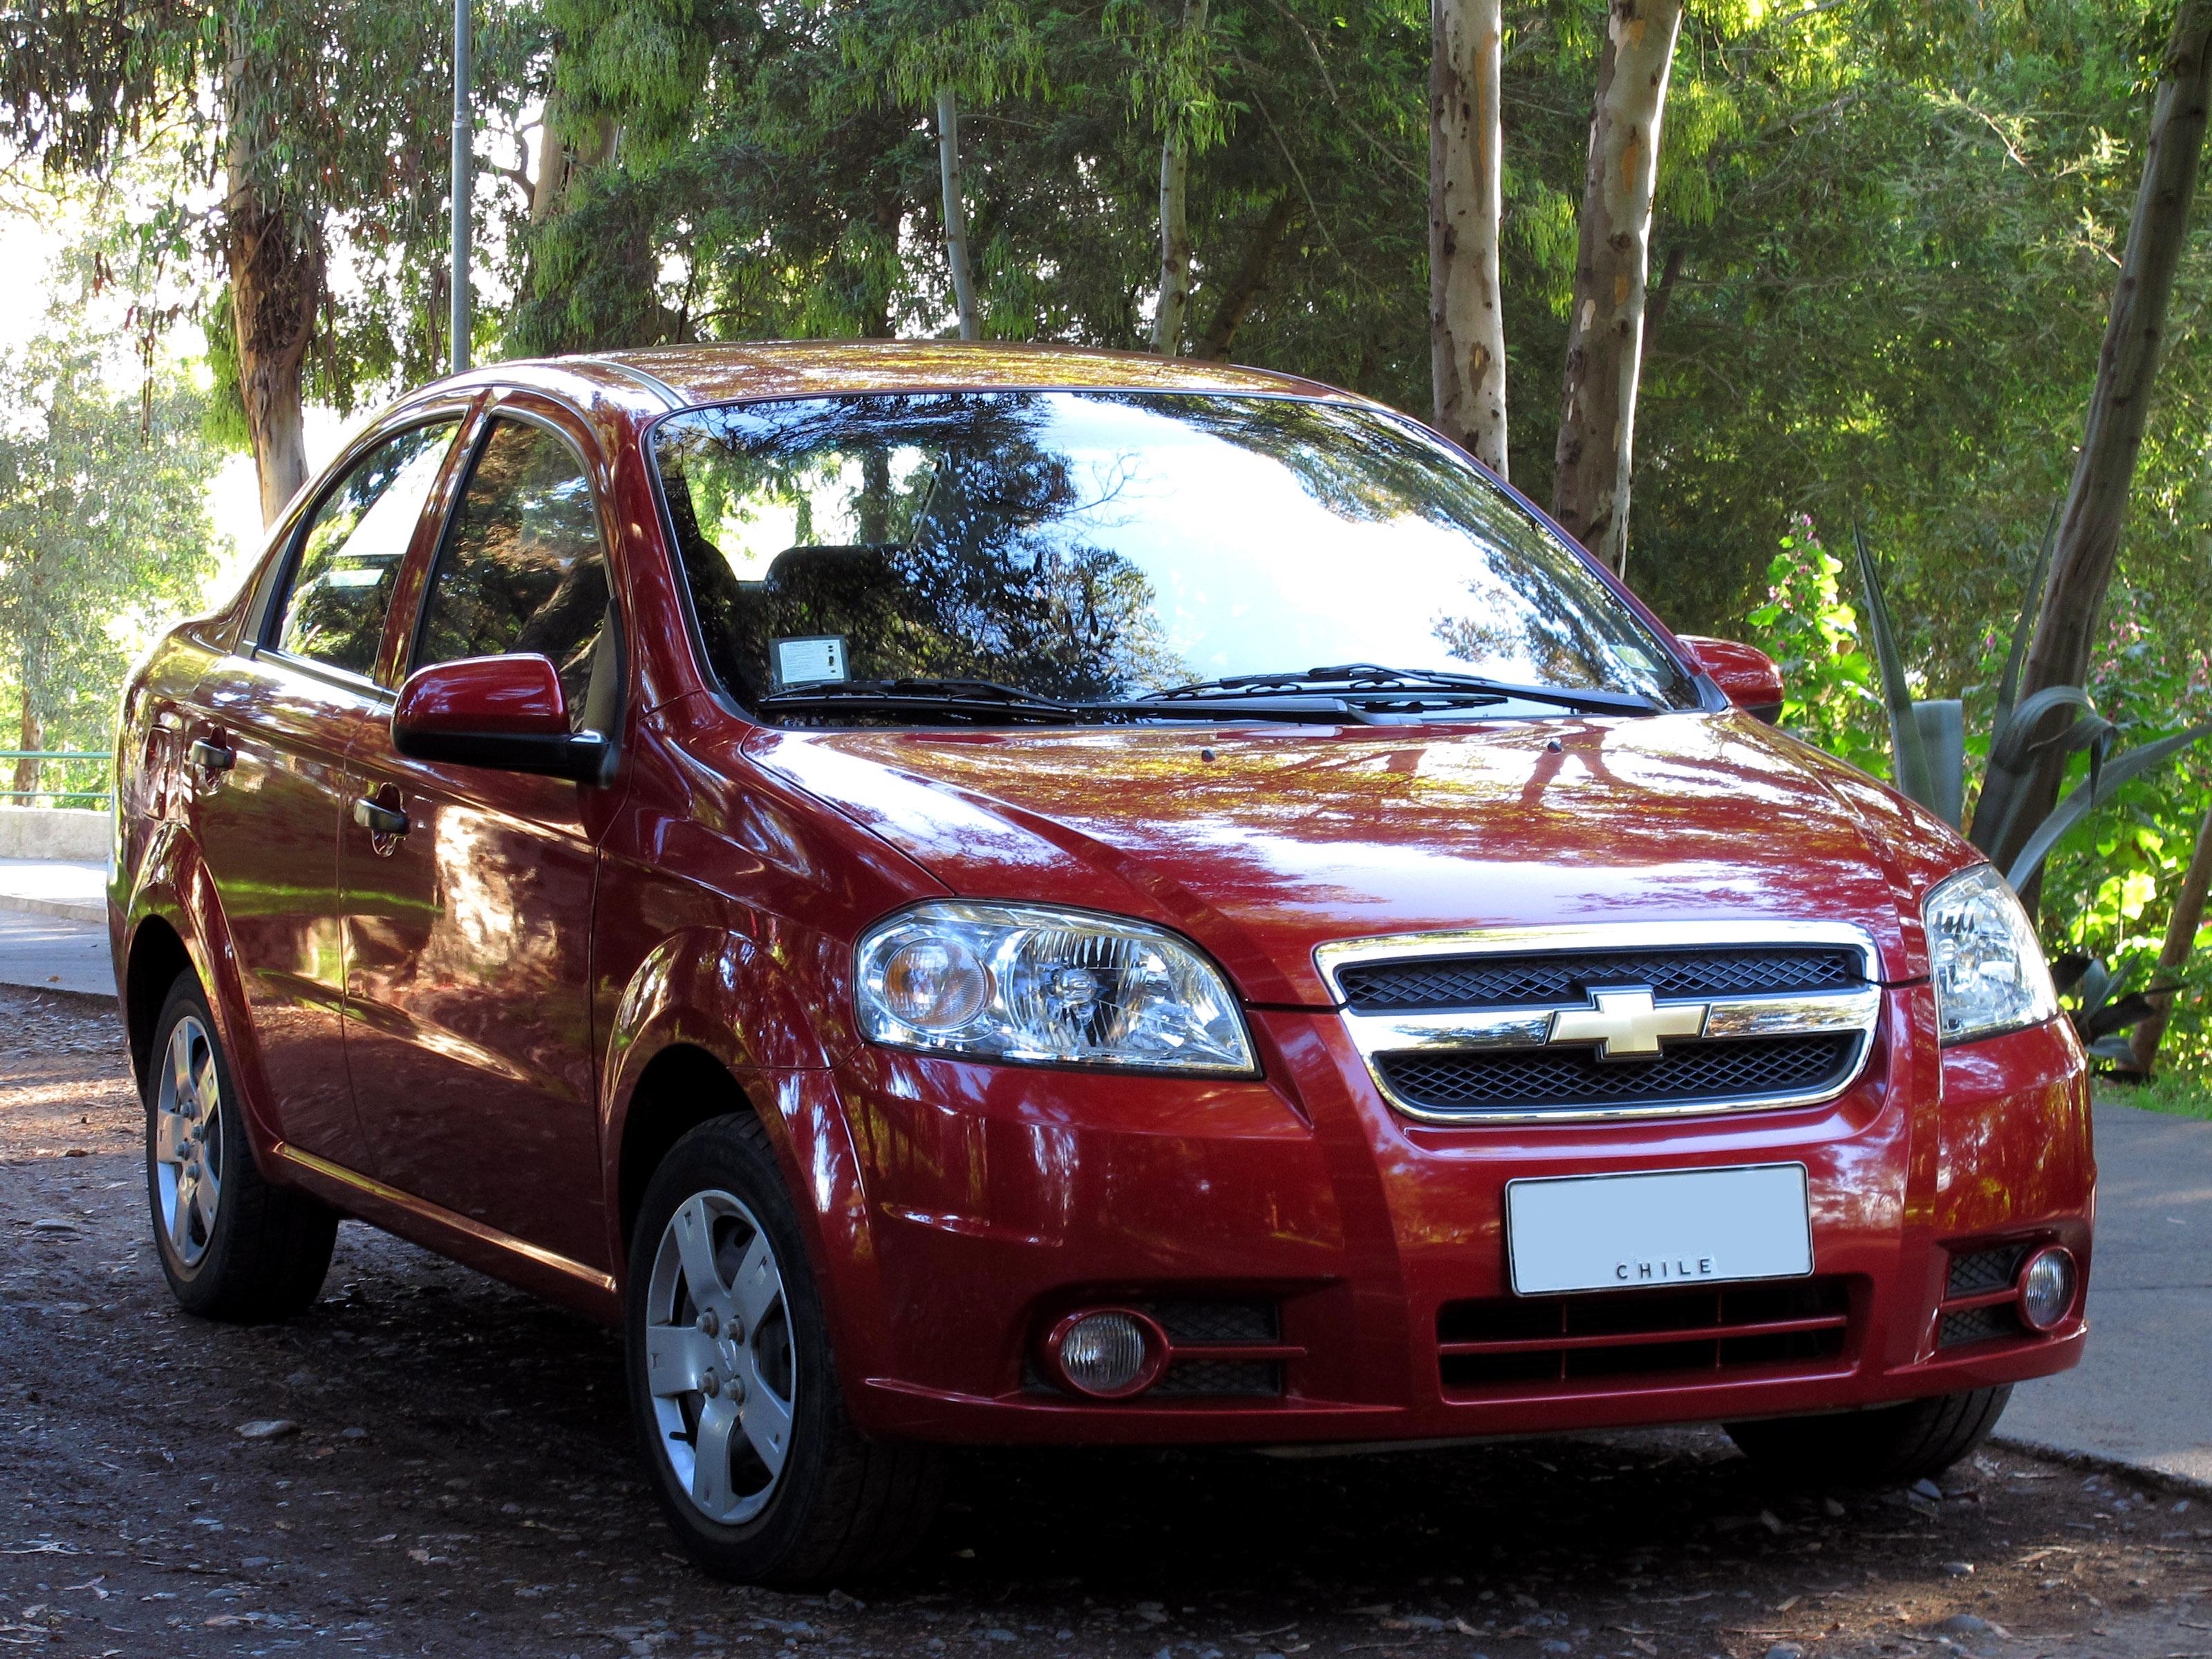 Kelebihan Kekurangan Chevrolet Aveo 2008 Review